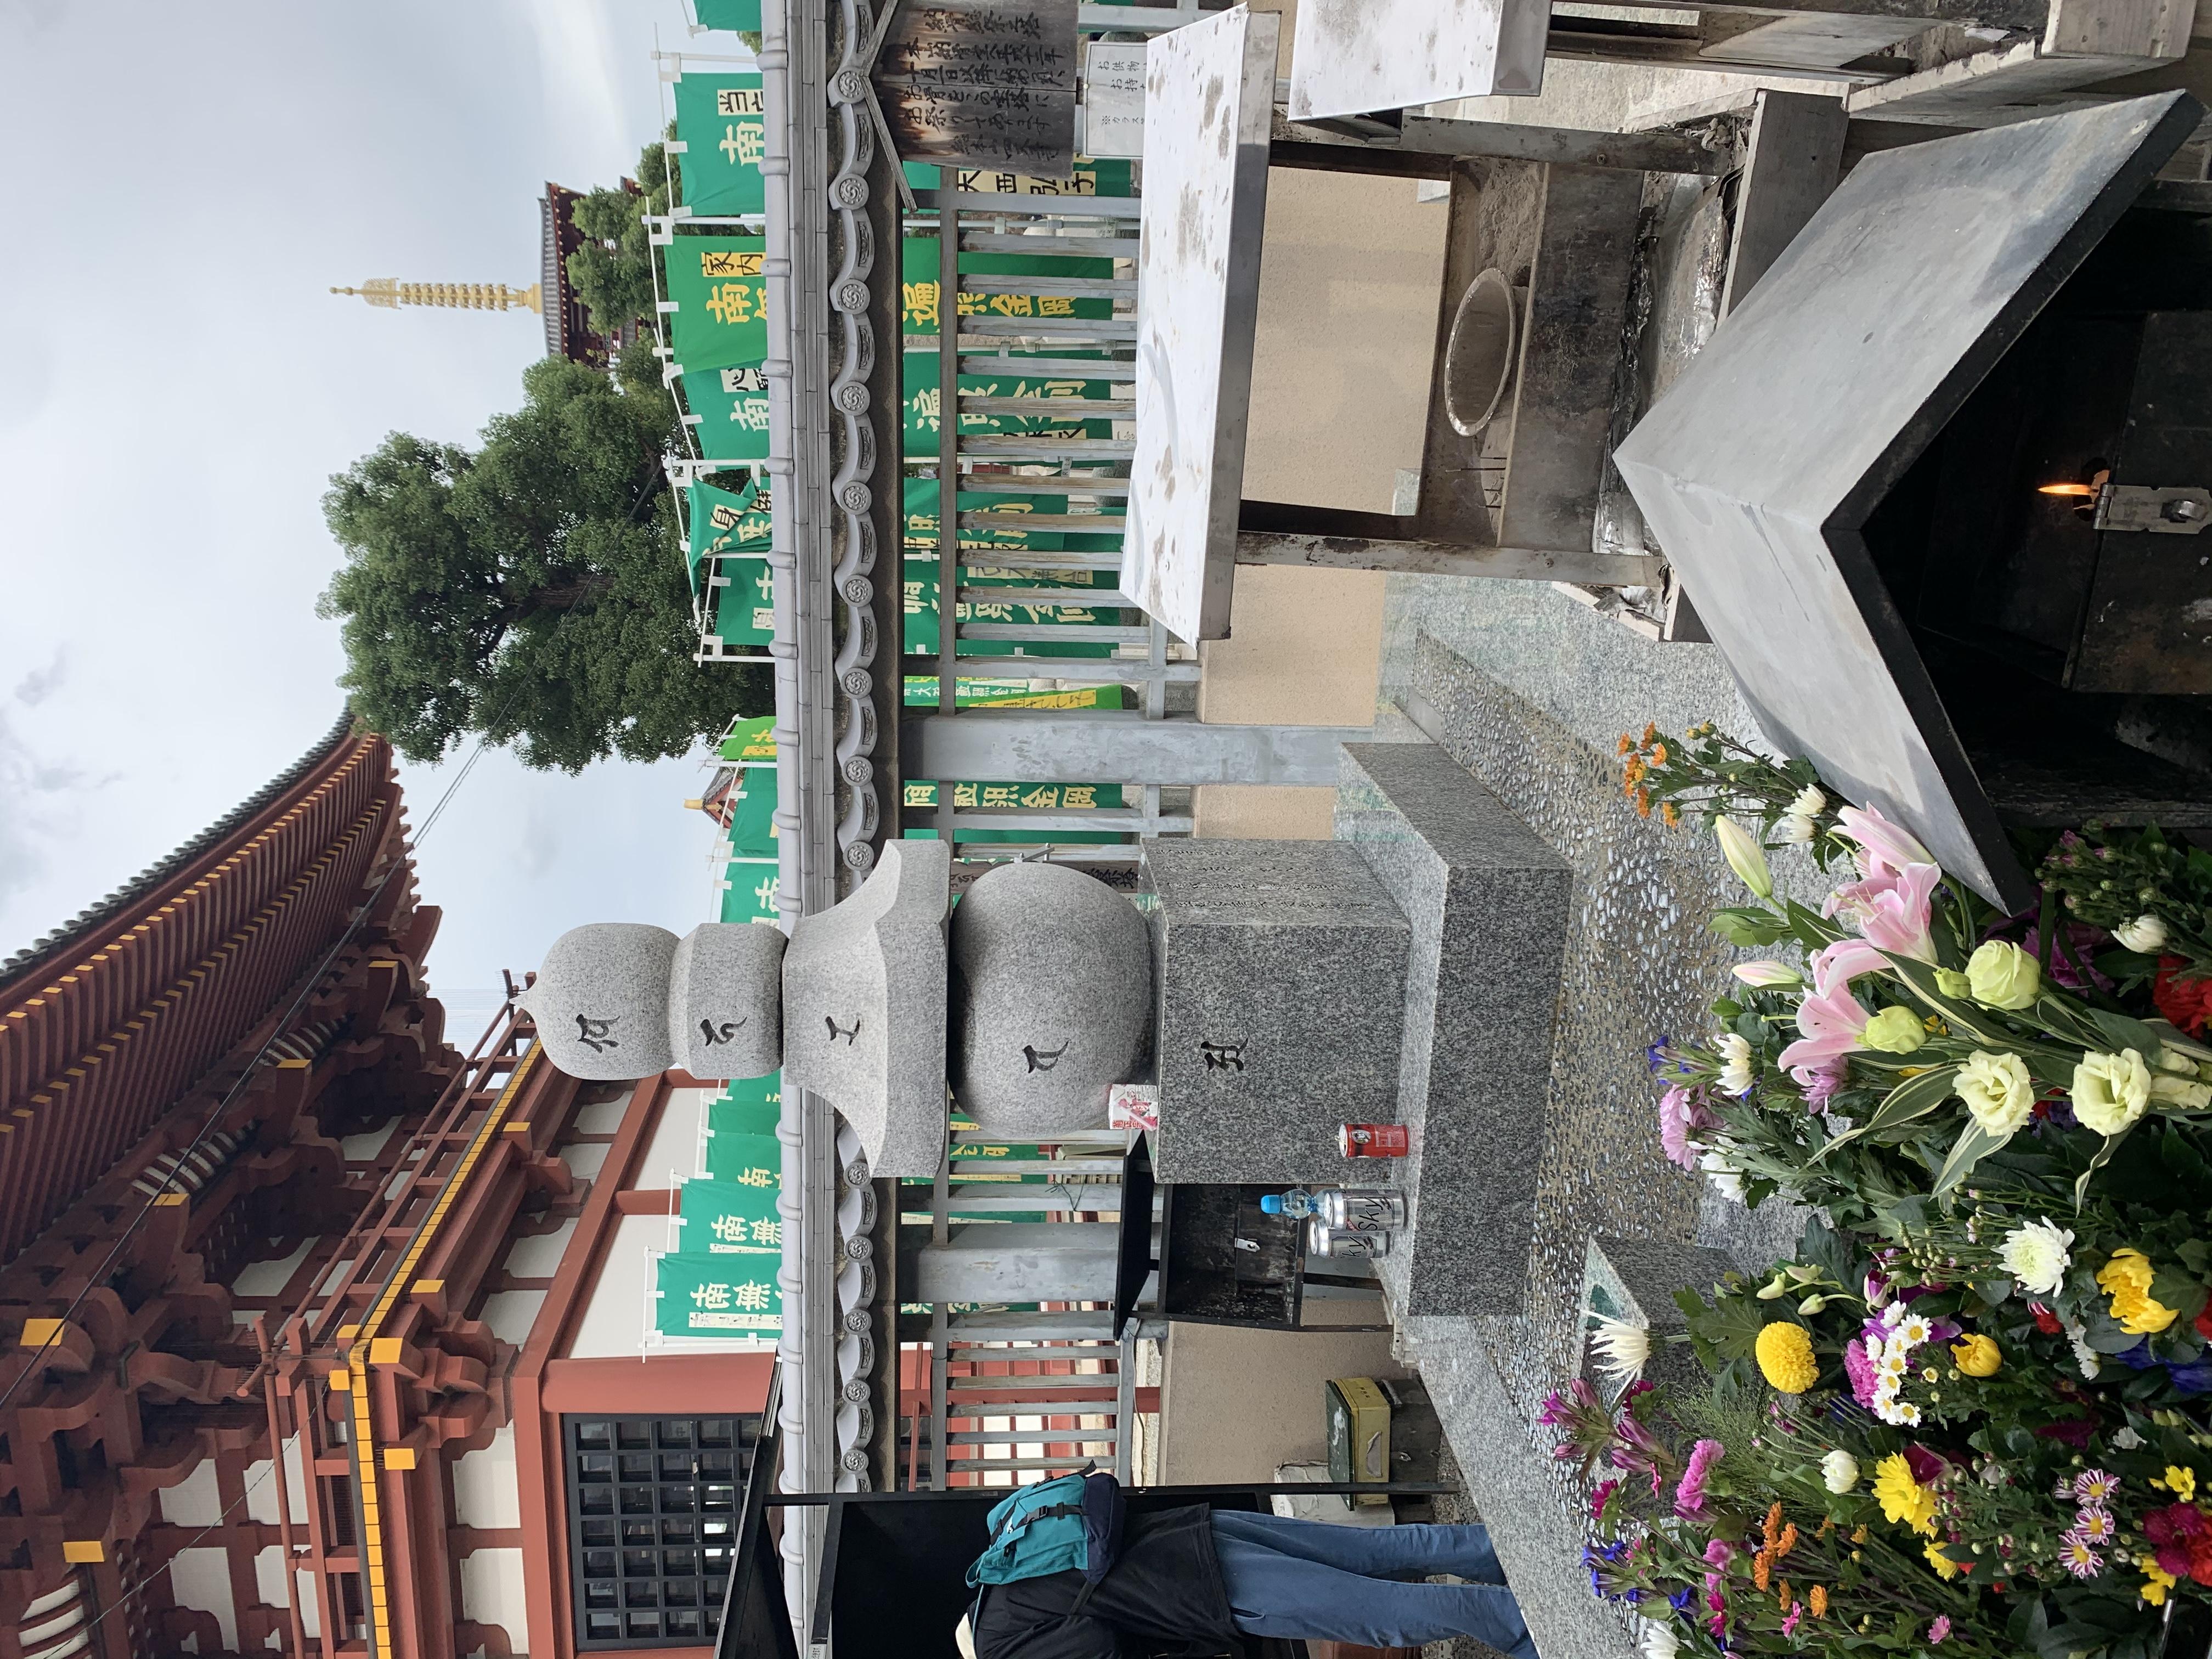 [ブログ]ちょっと空き時間に四天王寺ぶらタモリ気分。